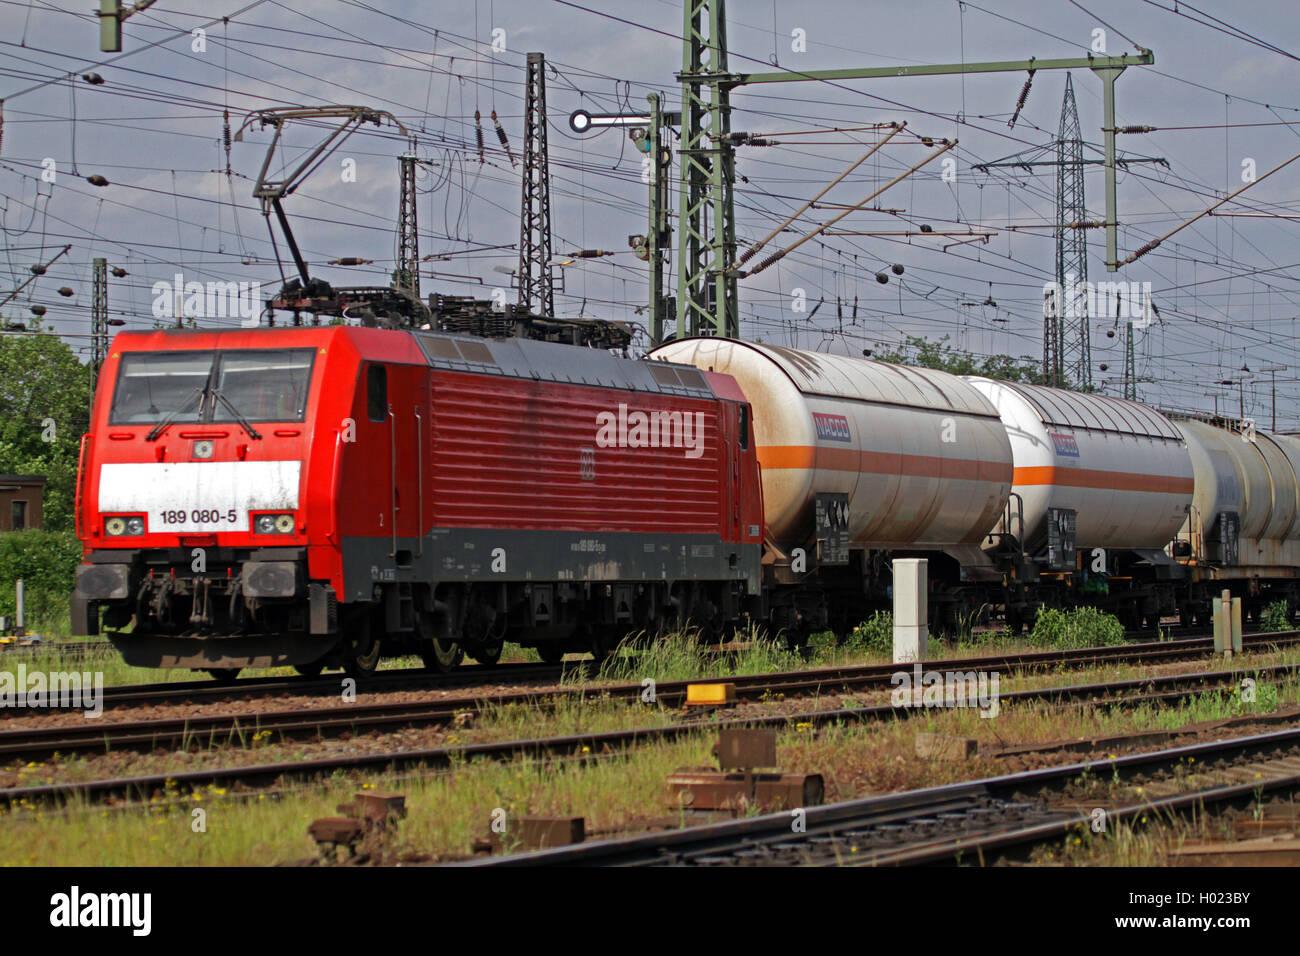 Gueterzug der Deutschen Bahn mit Kesselwagen, Deutschland   cargo train with tank wagons, Germany   BLWS429331.jpg - Stock Image